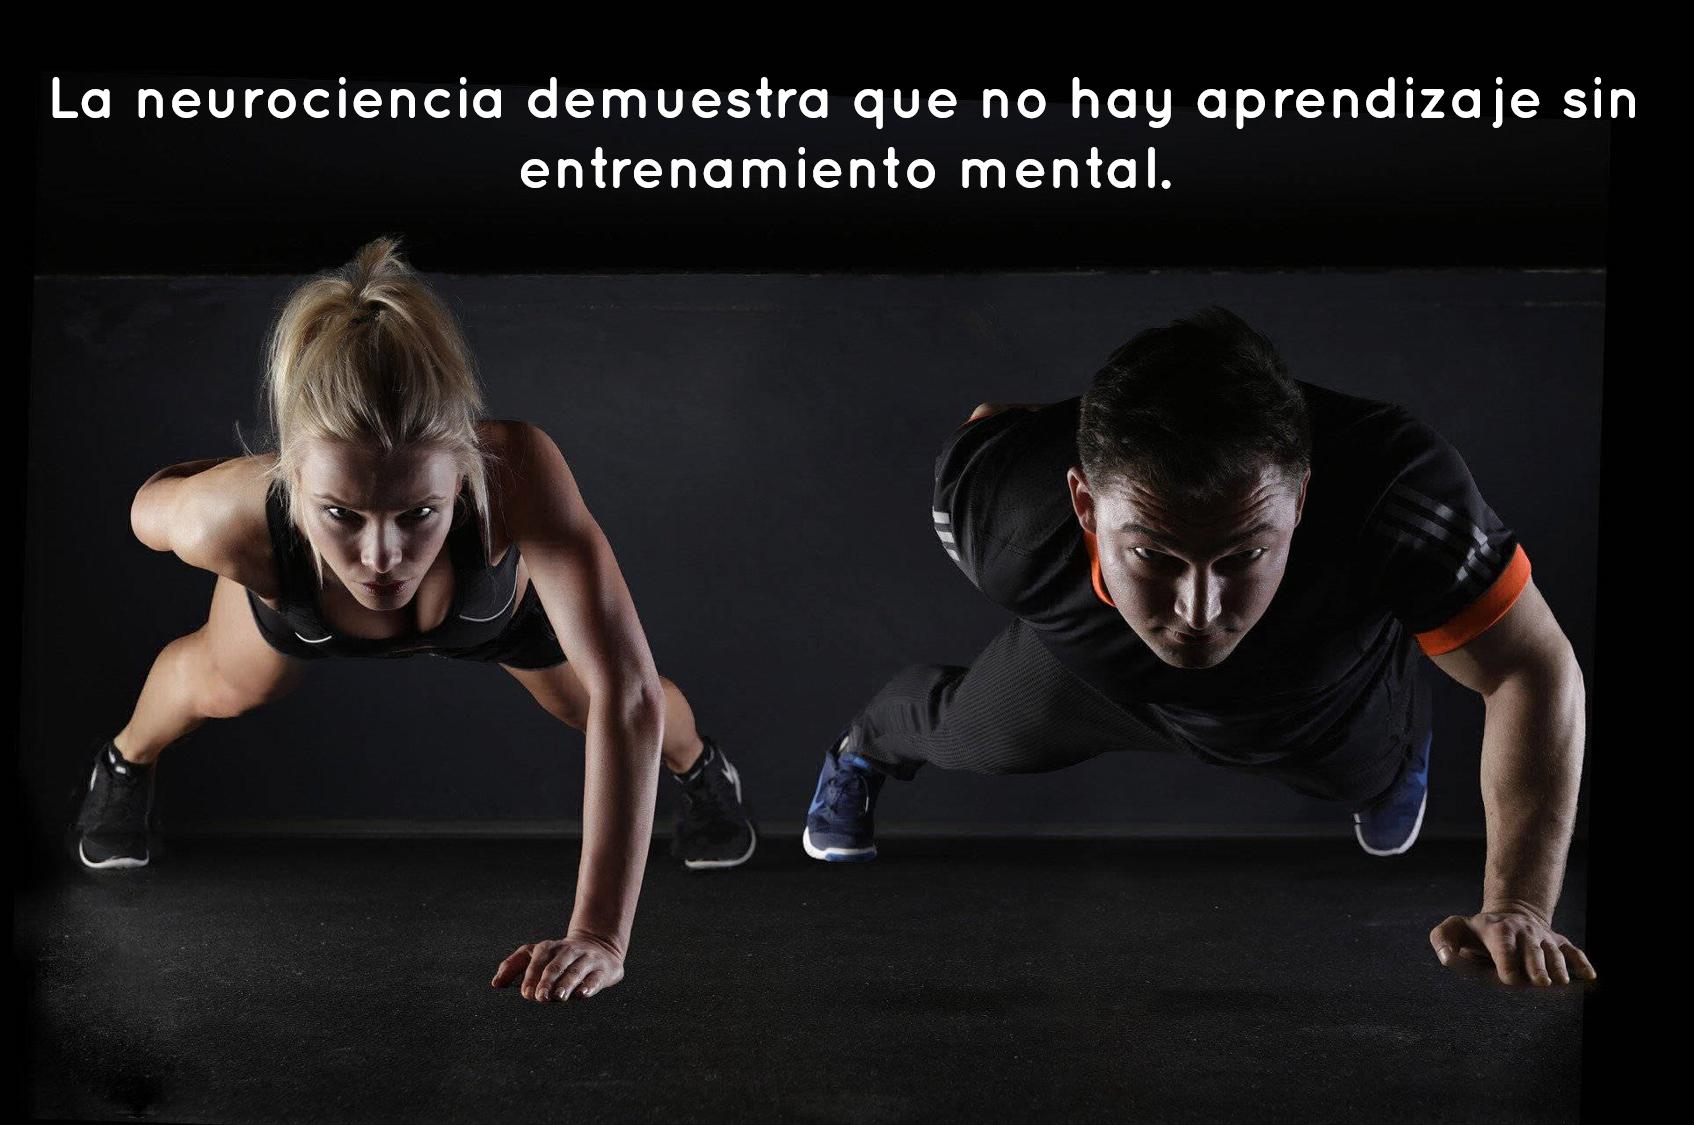 La neurociencia demuestra que no hay aprendizaje sin entrenamiento mental